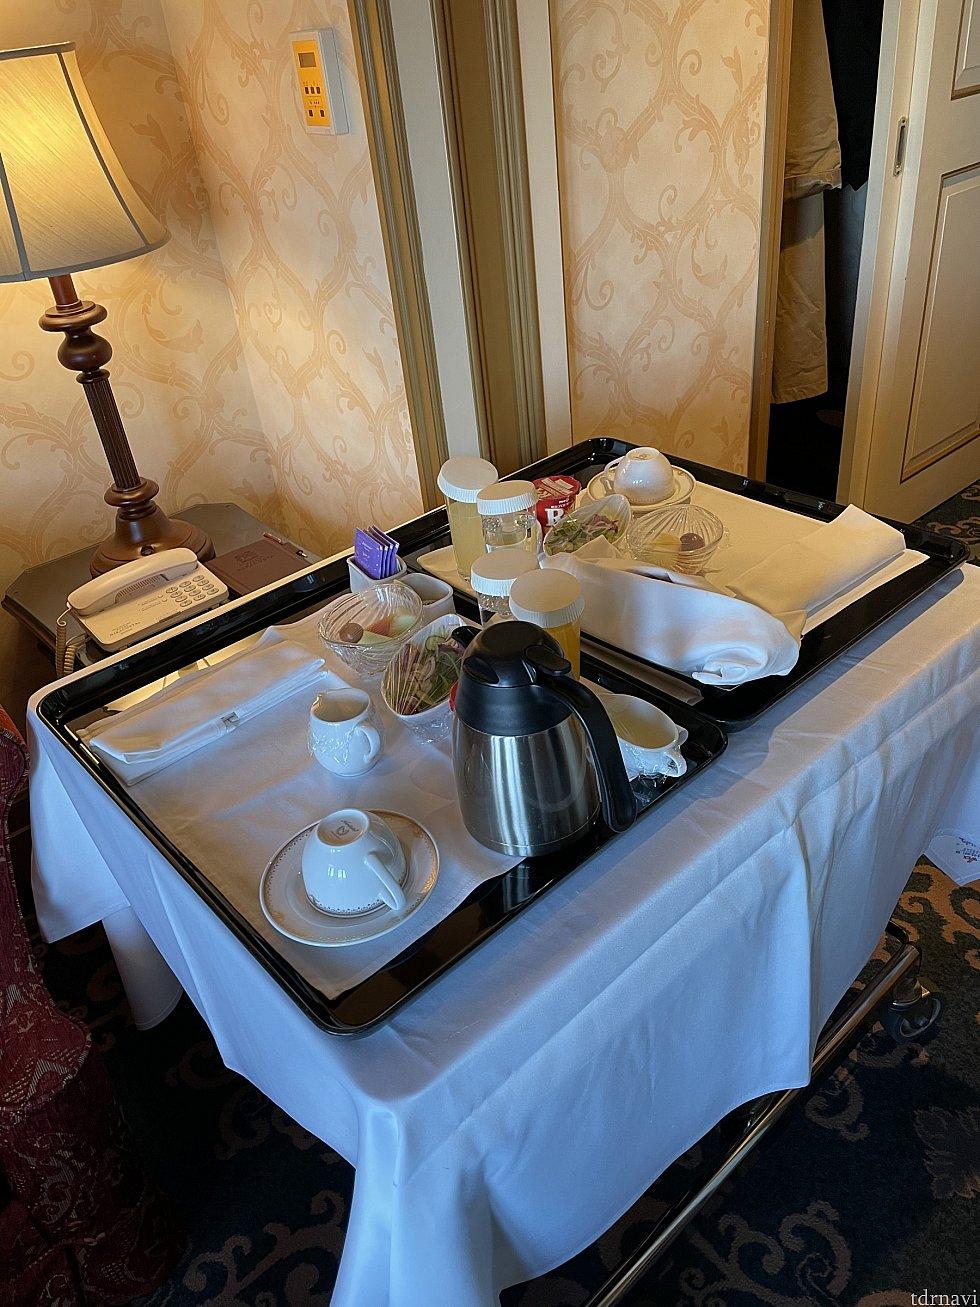 朝ごはんはオチェーアノかルームサービスが選べます<br> テレビの画面で頼みます